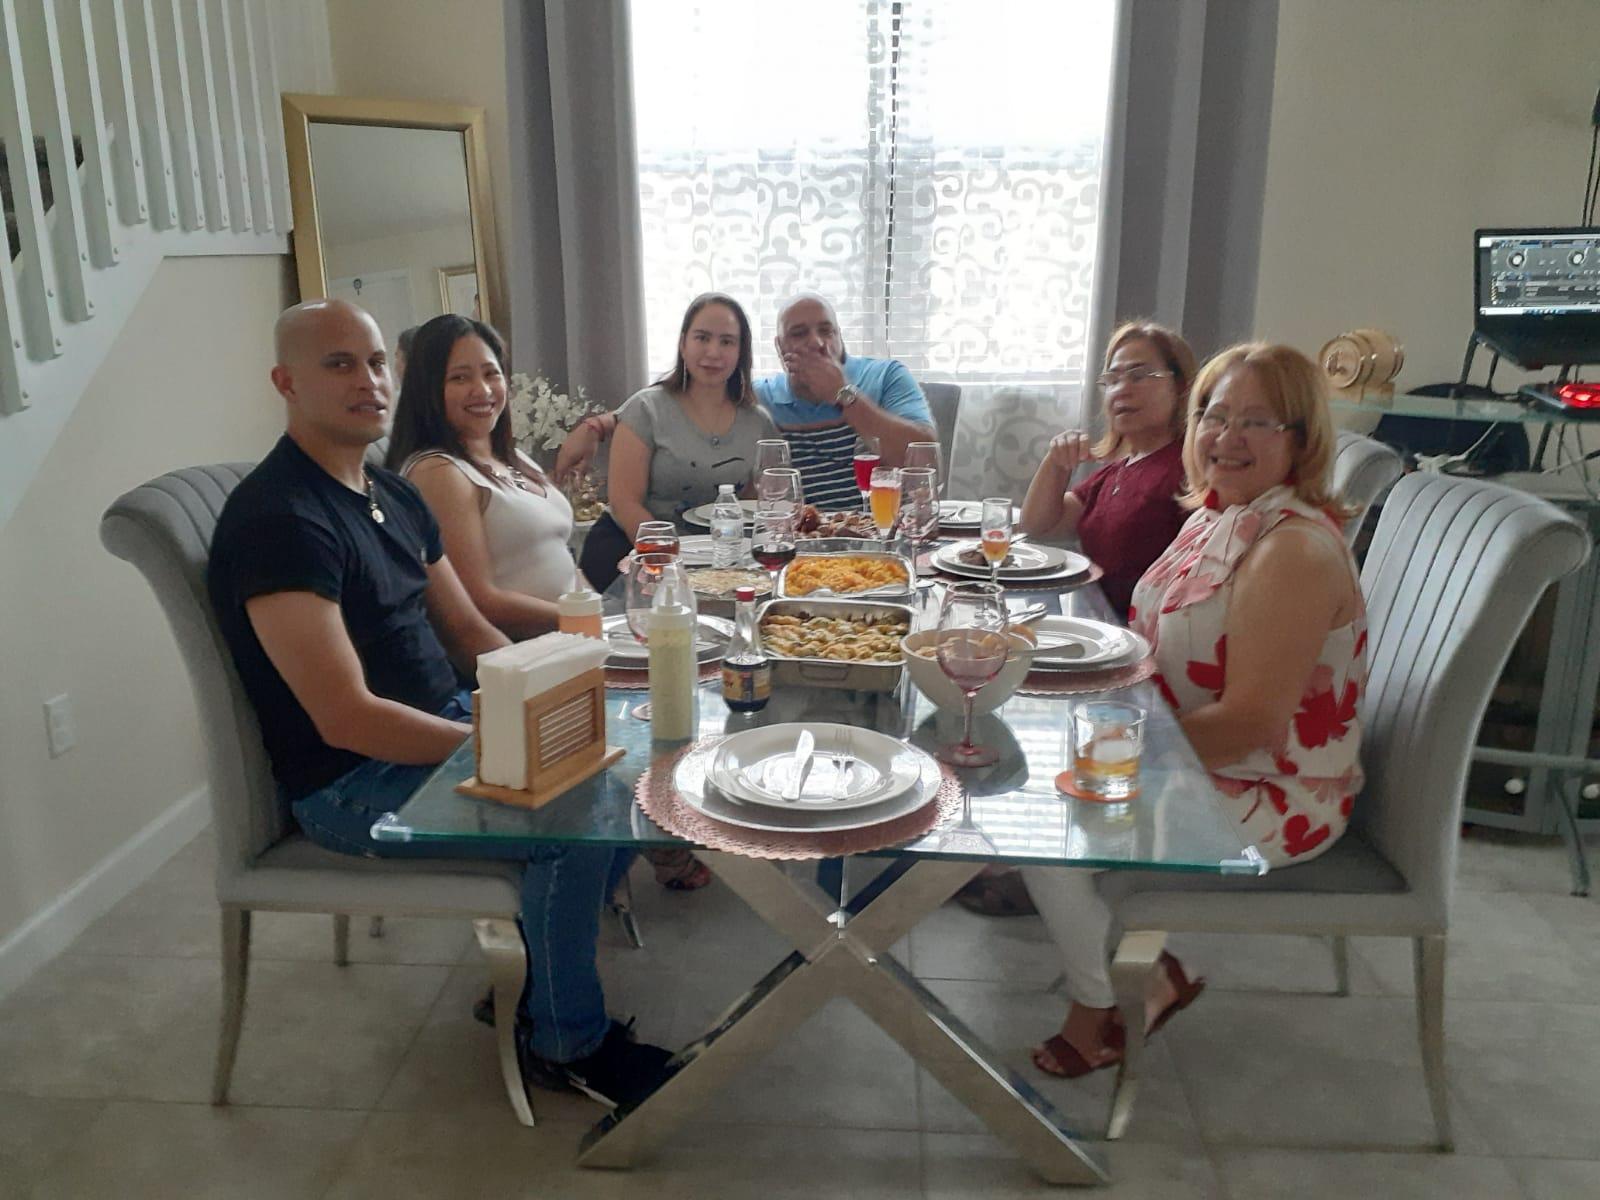 Celebrando Dia de las Madres, en Miami